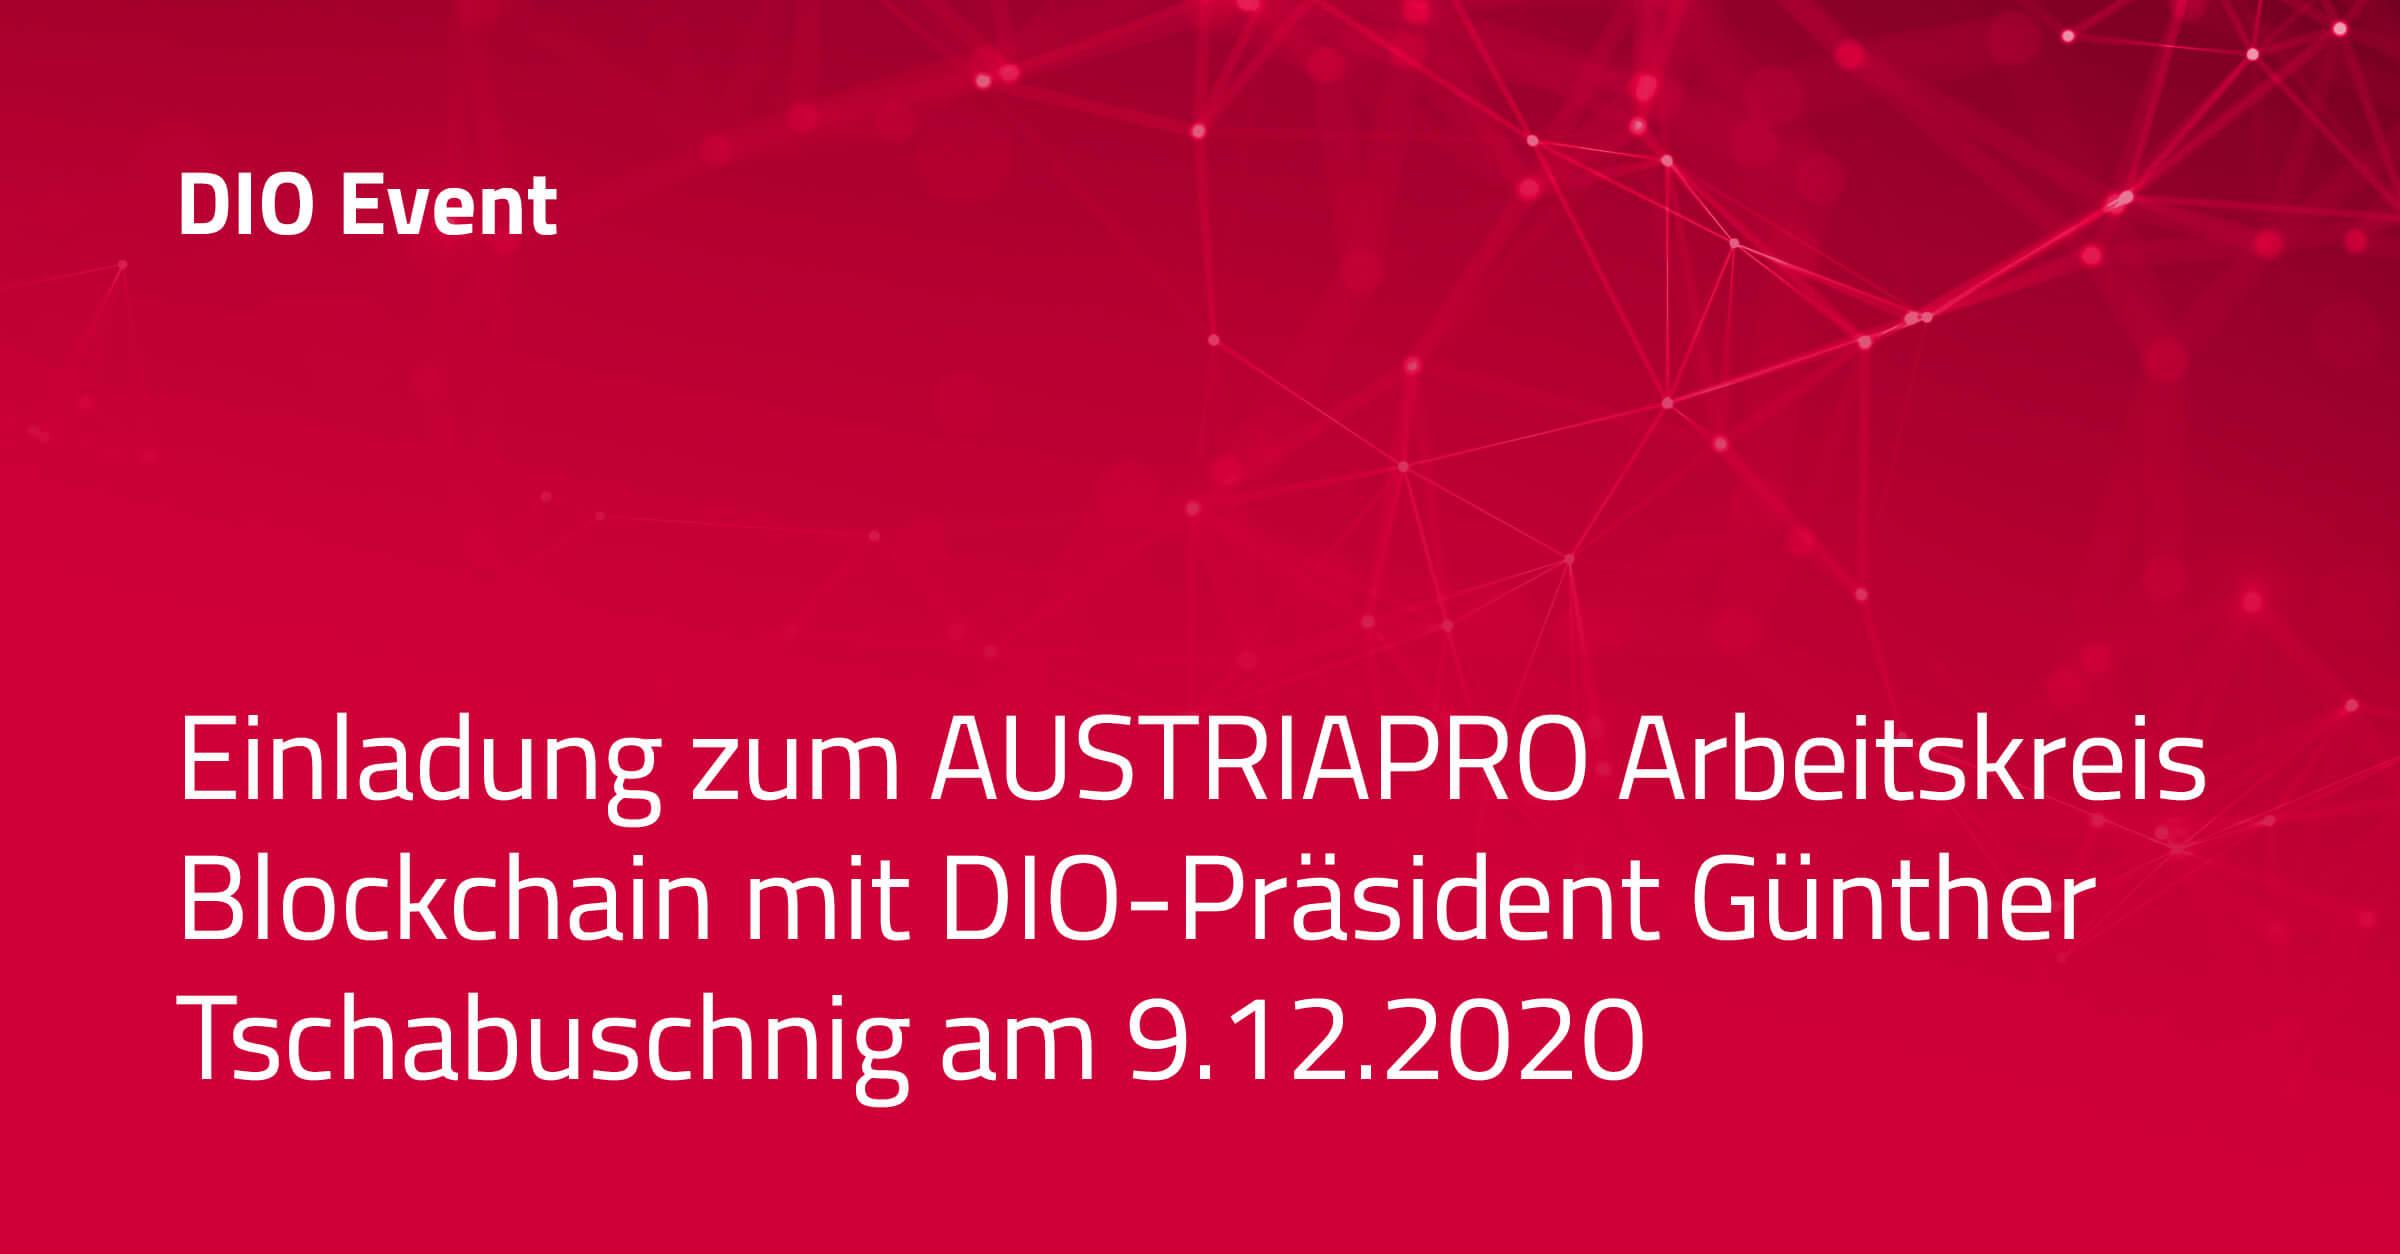 DIO_Event_EinladungAustriaproArbeitskreis